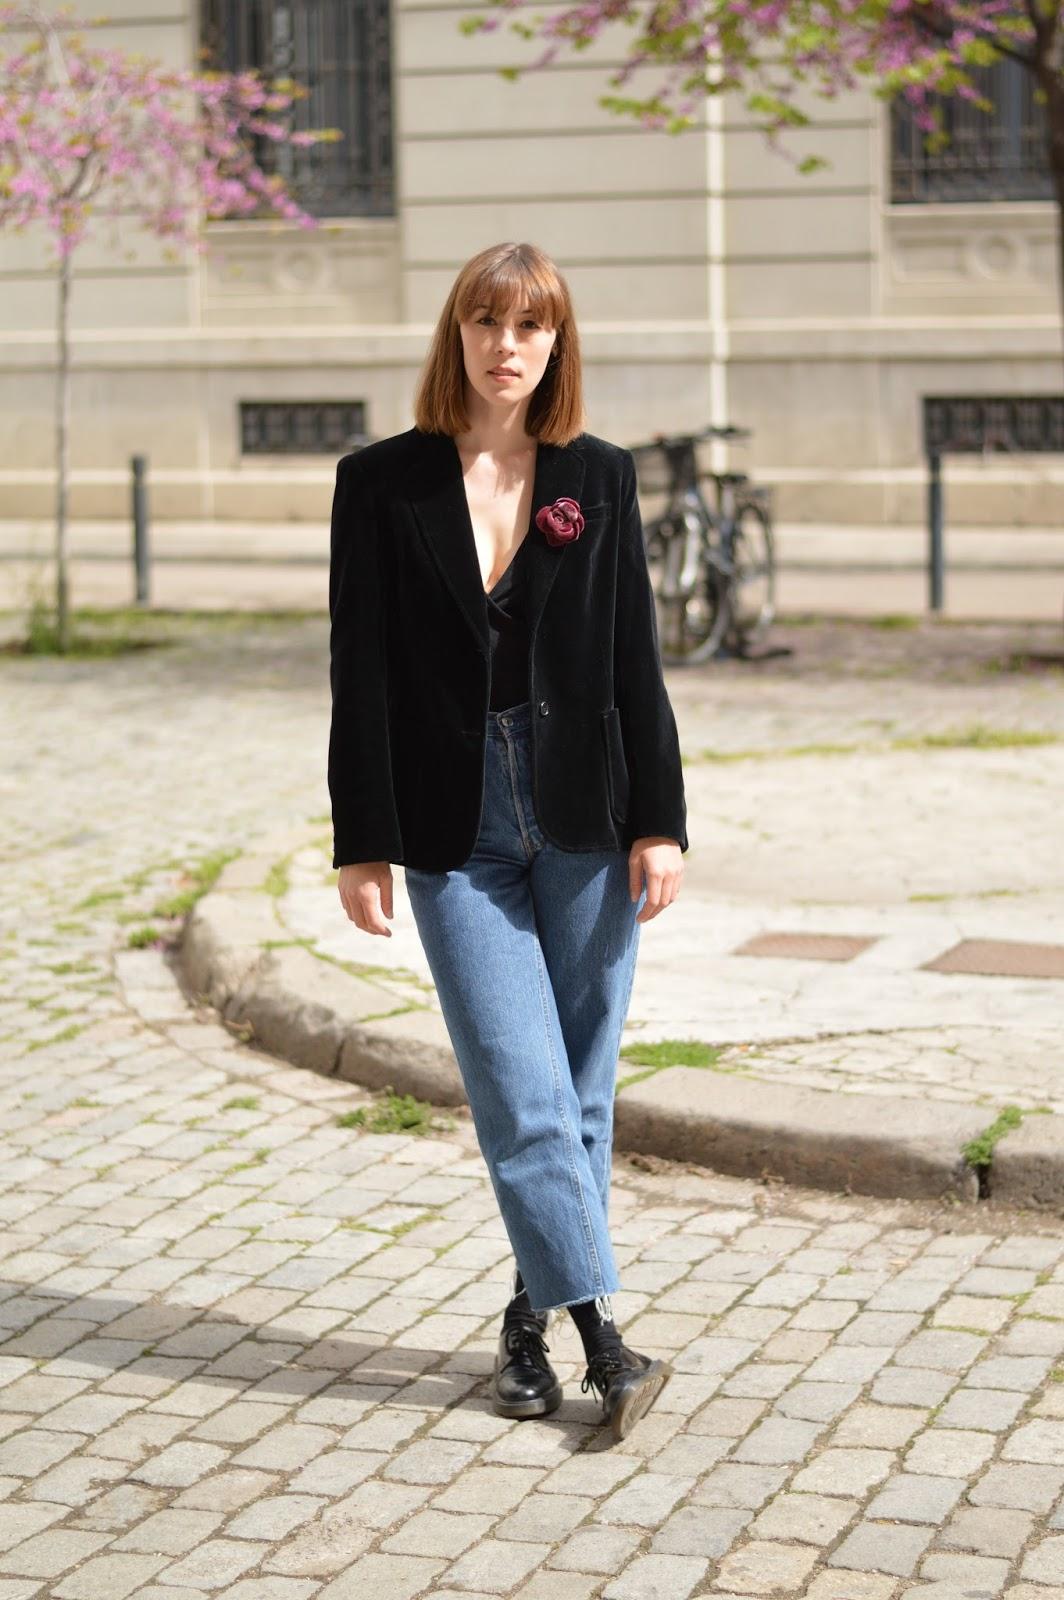 SS16 trends velvet blazer and flower brooch